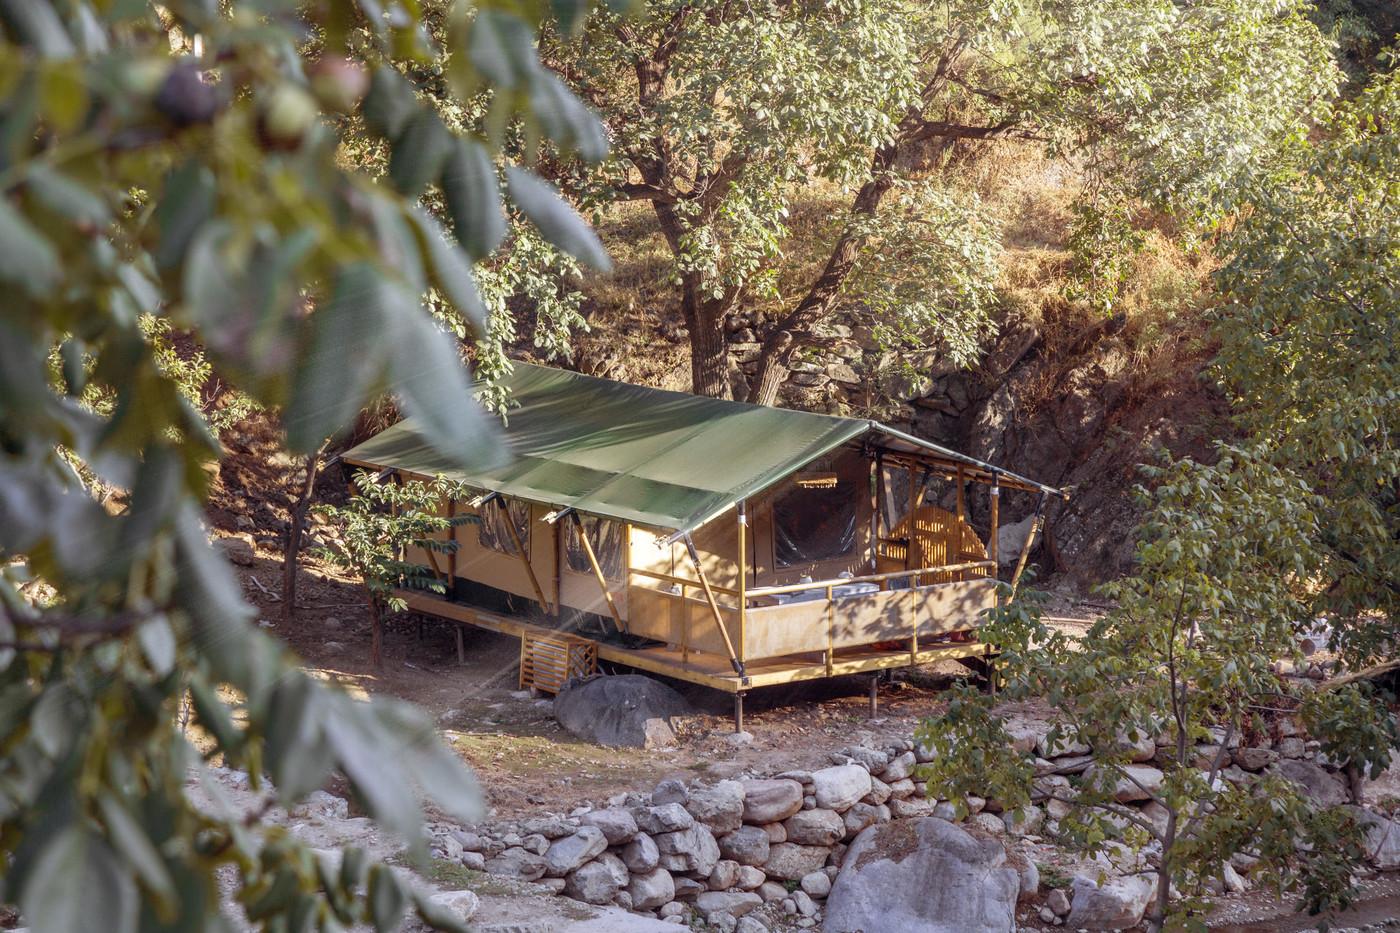 喜马拉雅野奢帐篷酒店一北京石头 剪刀 布一私享院子 54平山谷型  14